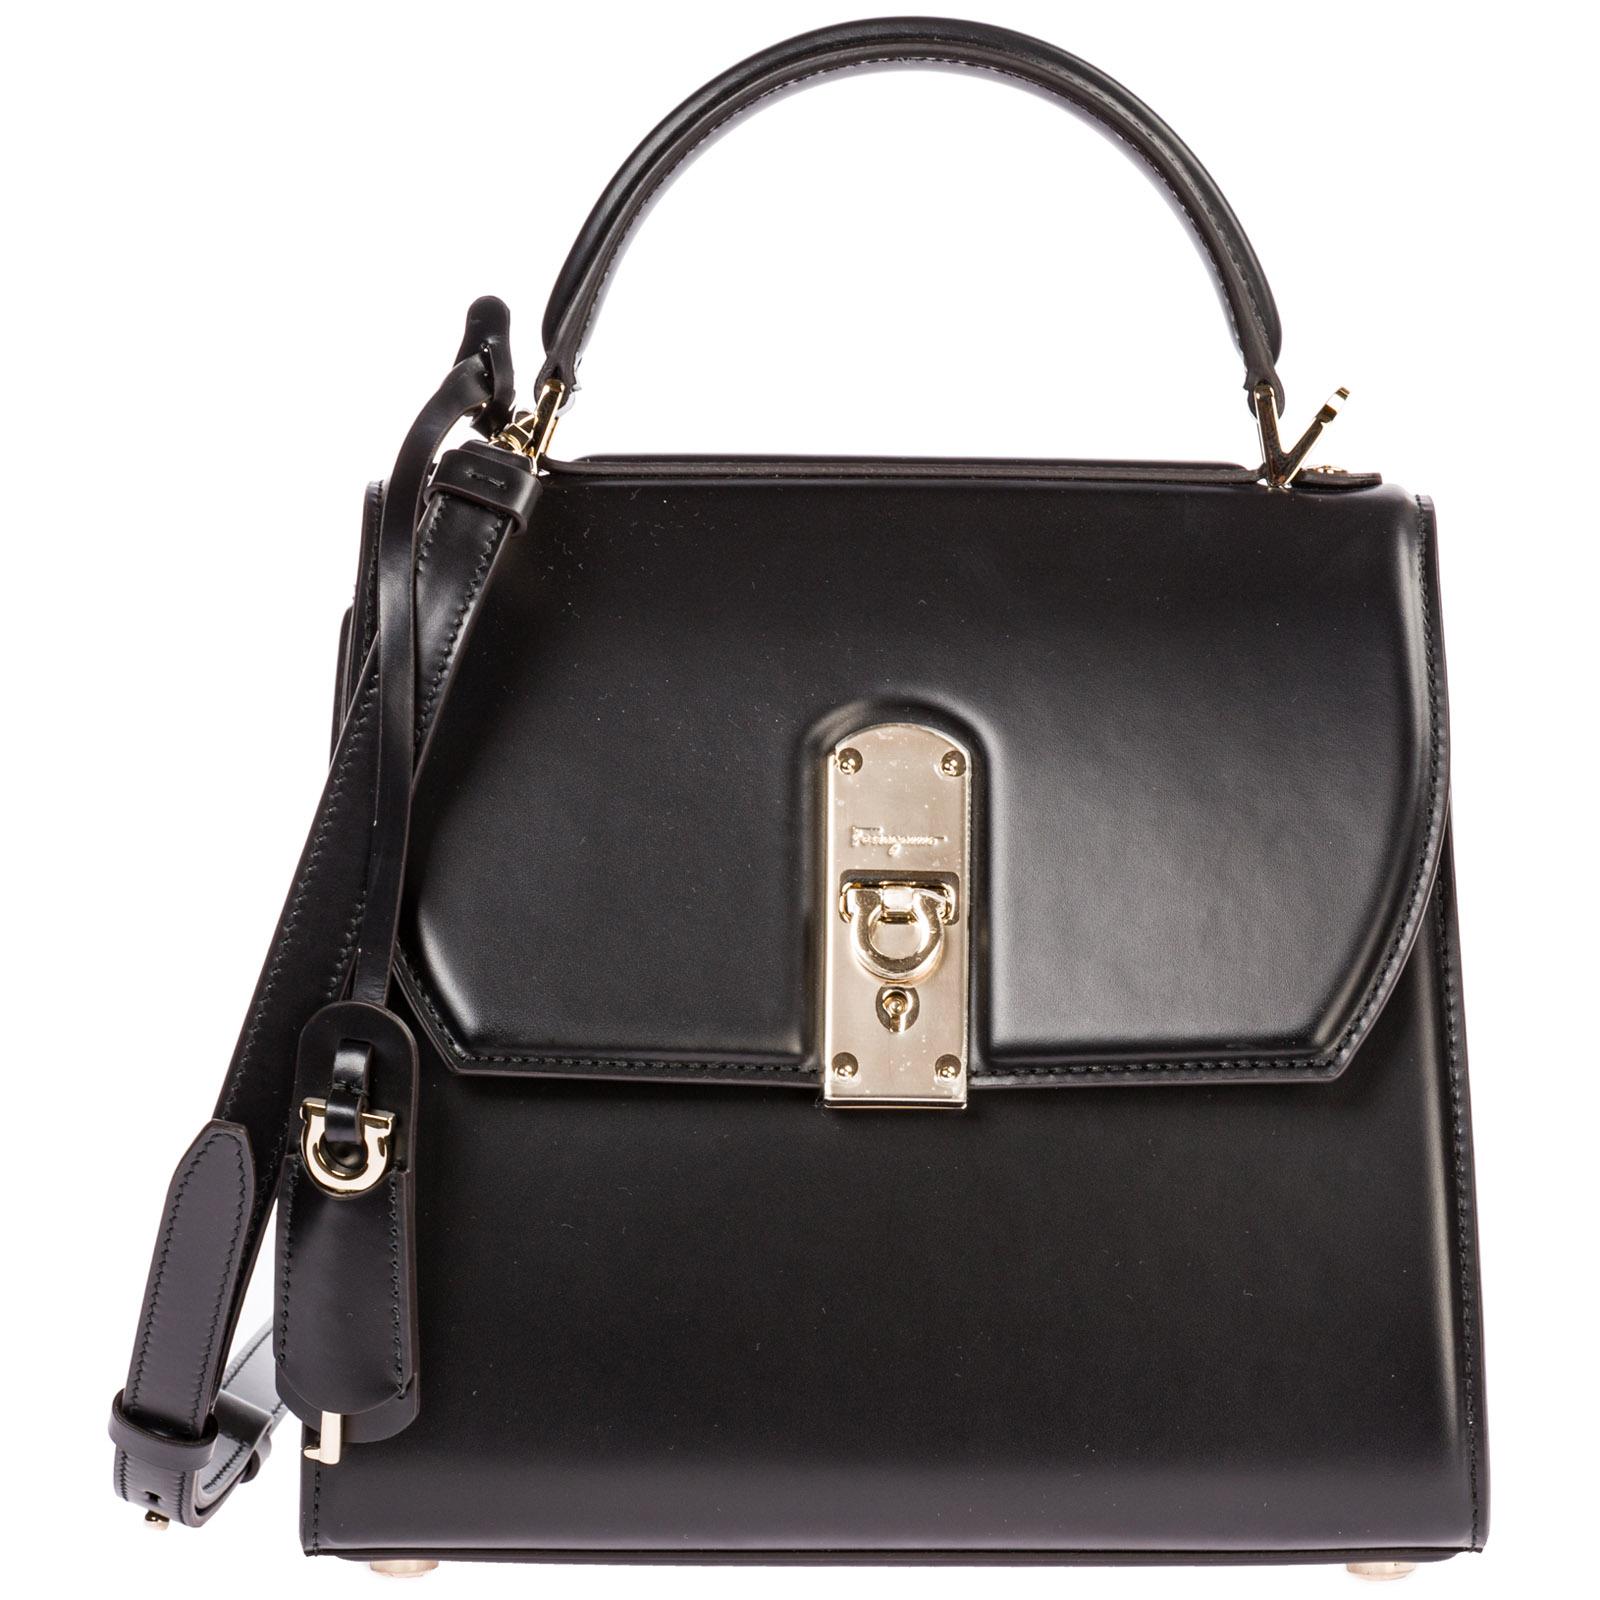 großer Verkauf am besten authentisch elegantes und robustes Paket Women's leather handbag shopping bag purse boxyz